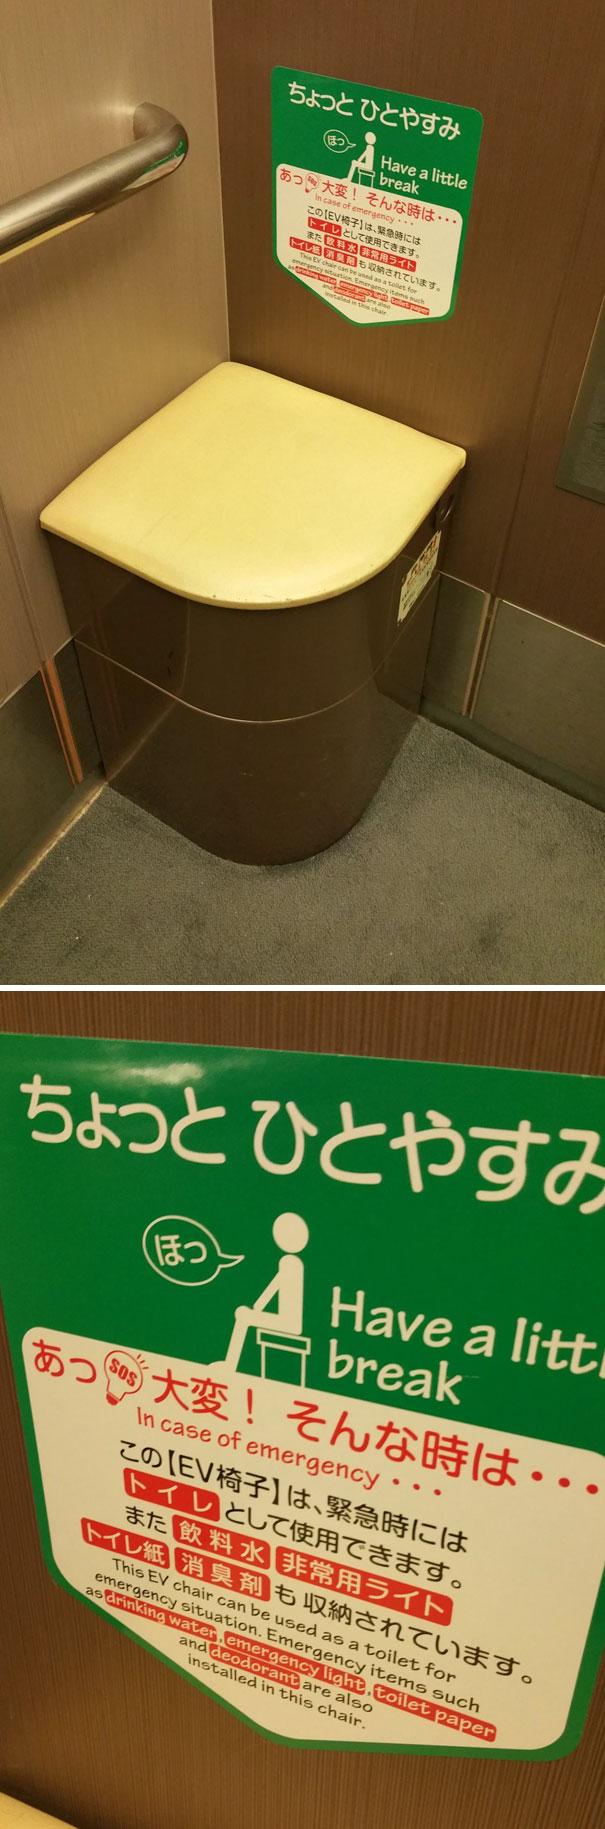 japonsko_kr_25